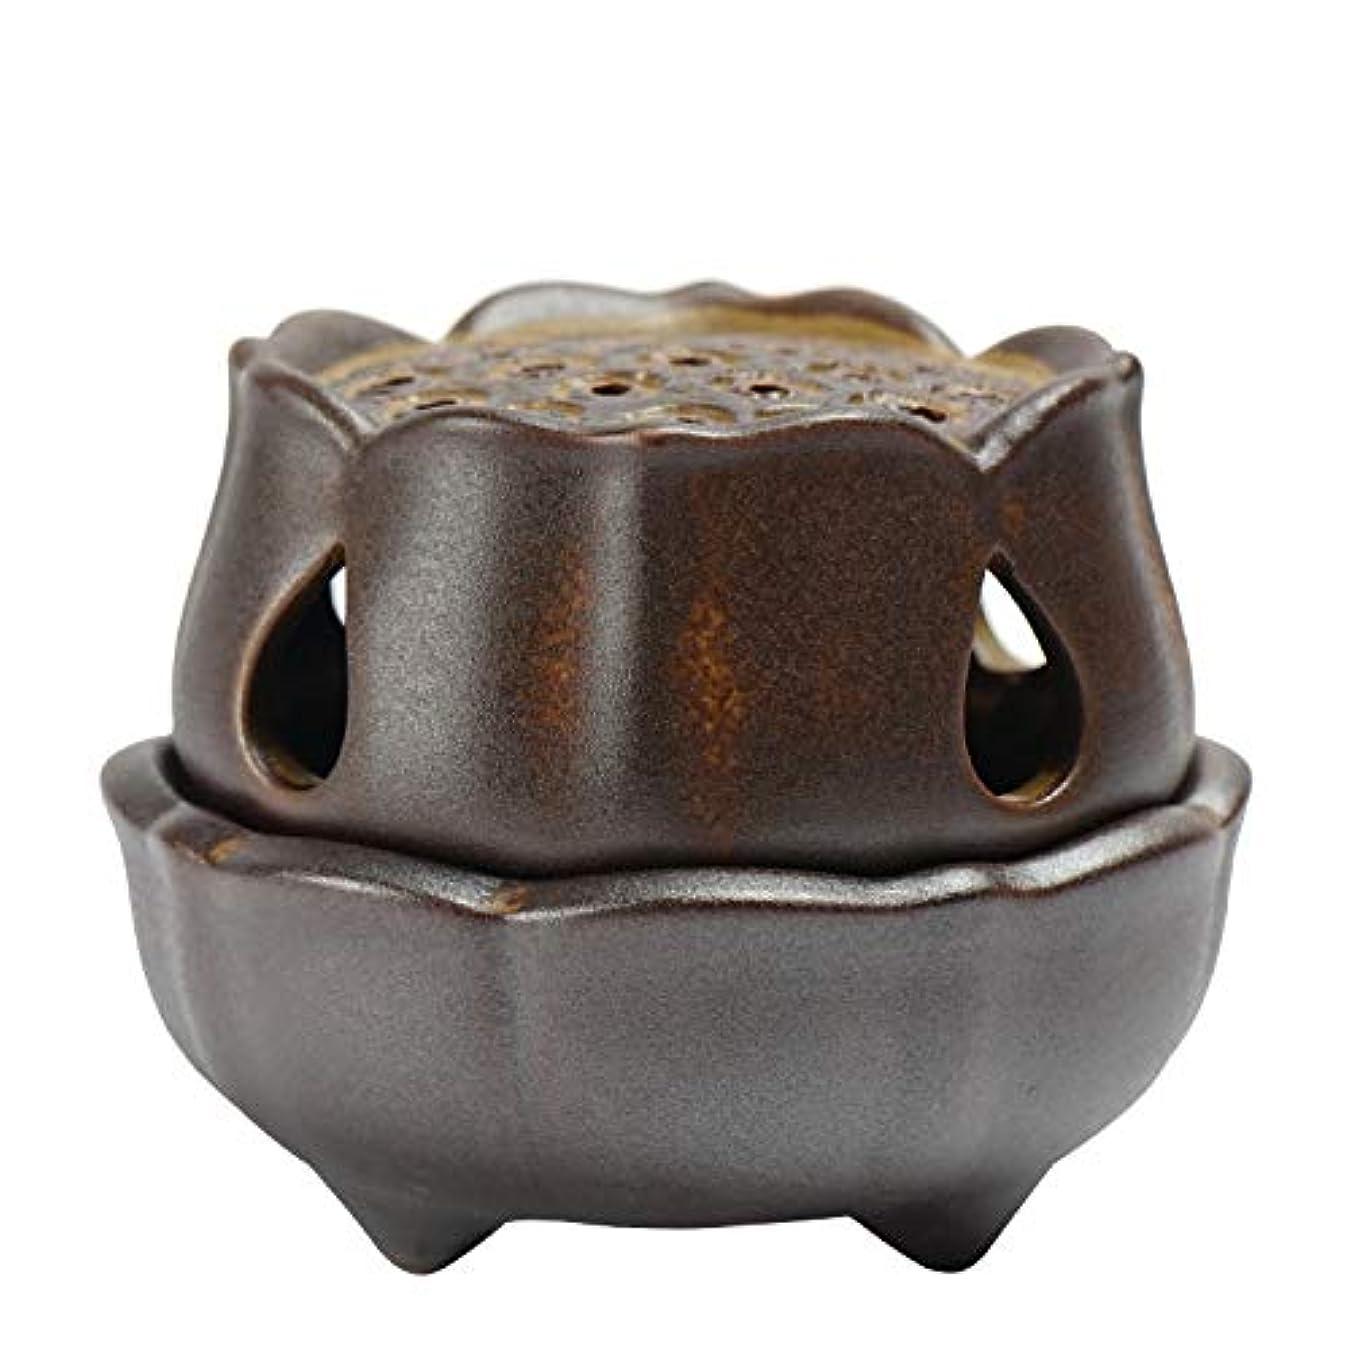 ランク結婚式主権者仏の香のアロマセラピー炉9.5 * 8 * 7.3cmのための滝の背部香の棒家族の芳香バーナーの還流の蝋燭の棒の陶磁器